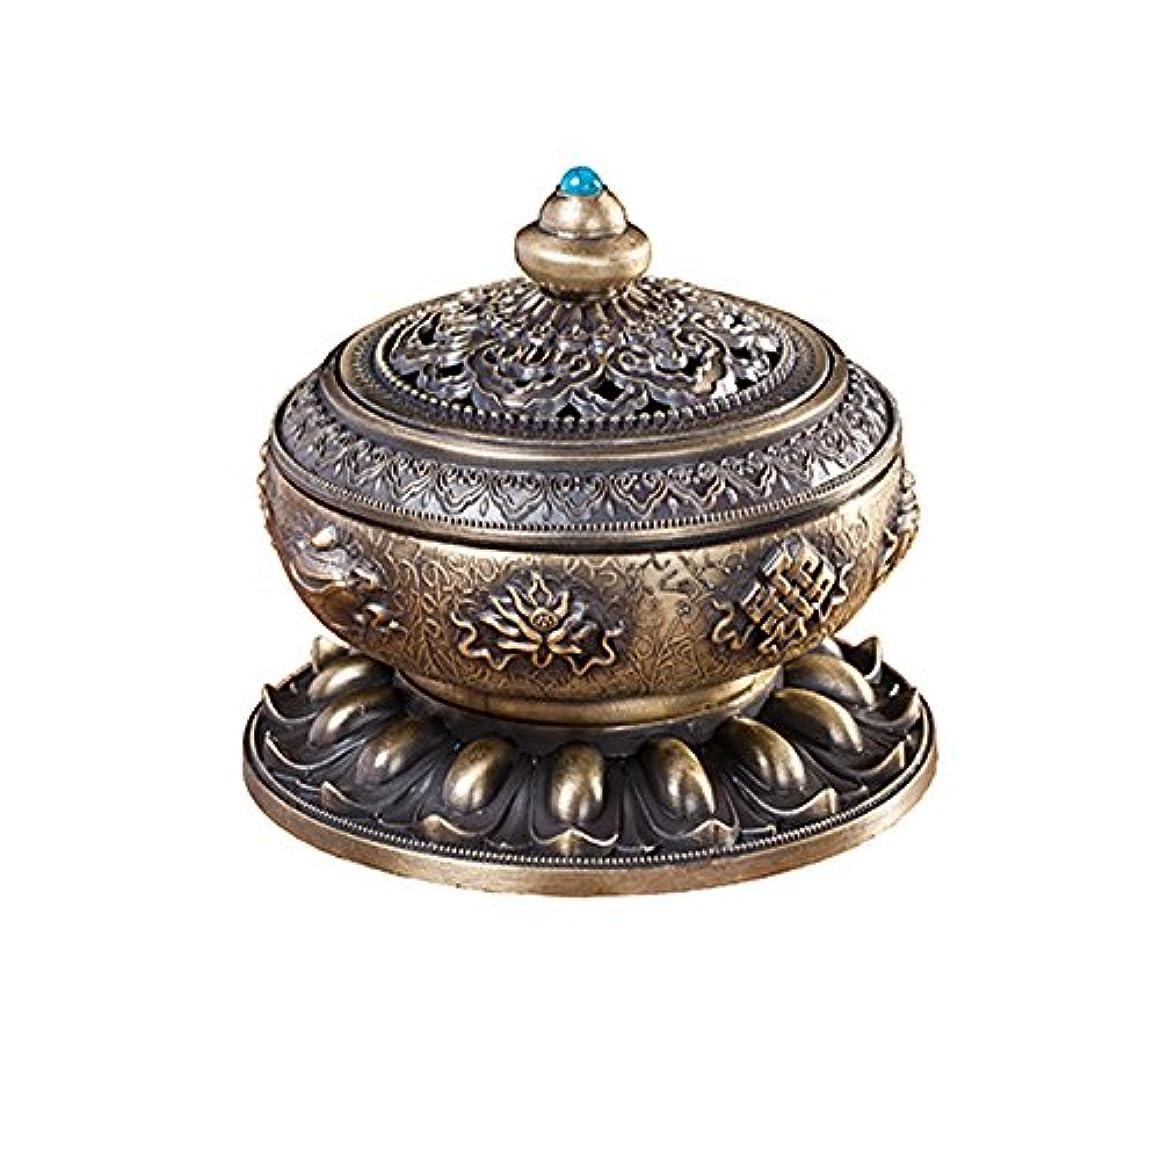 アラブサラボ選択する装置BUYSEEY 家用 アロマ香炉 青銅 ブロンズ 丸香炉 お香立て 渦巻き線香 などに 香立て付き (M)